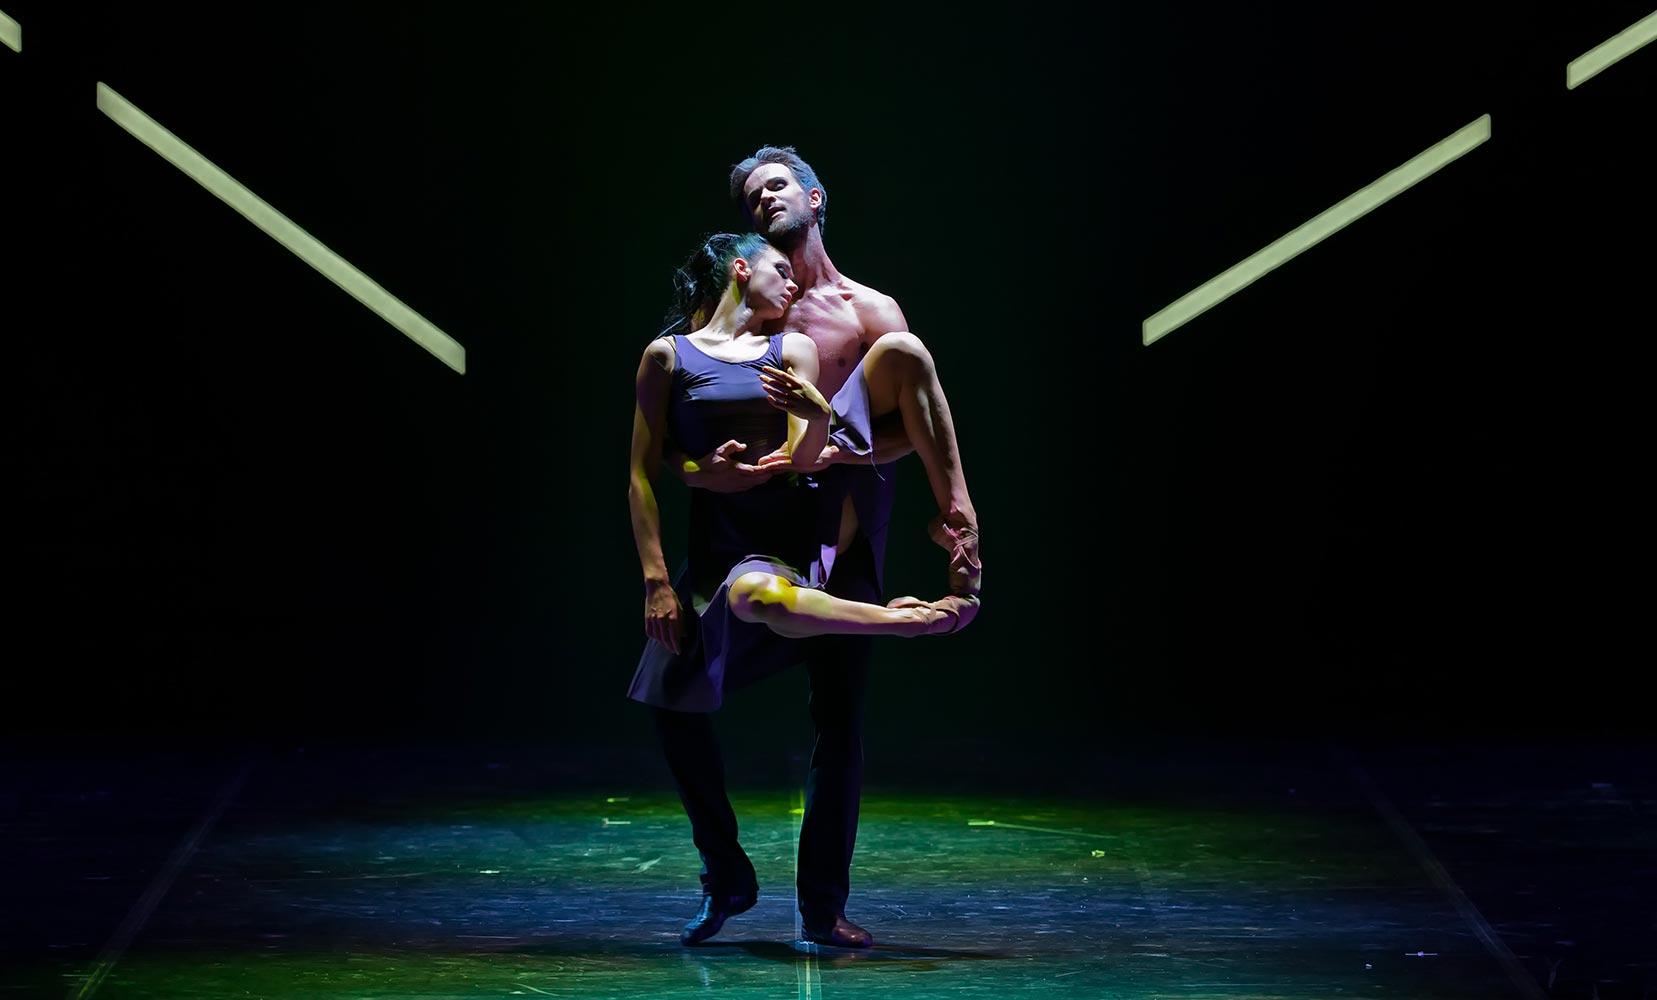 La selezione straordinaria dei temi e della musica e la plasticitu00e0 del corpo dei suoi ballerini hanno dato a Eifman la fama di u201ccoreografo dissidenteu201d